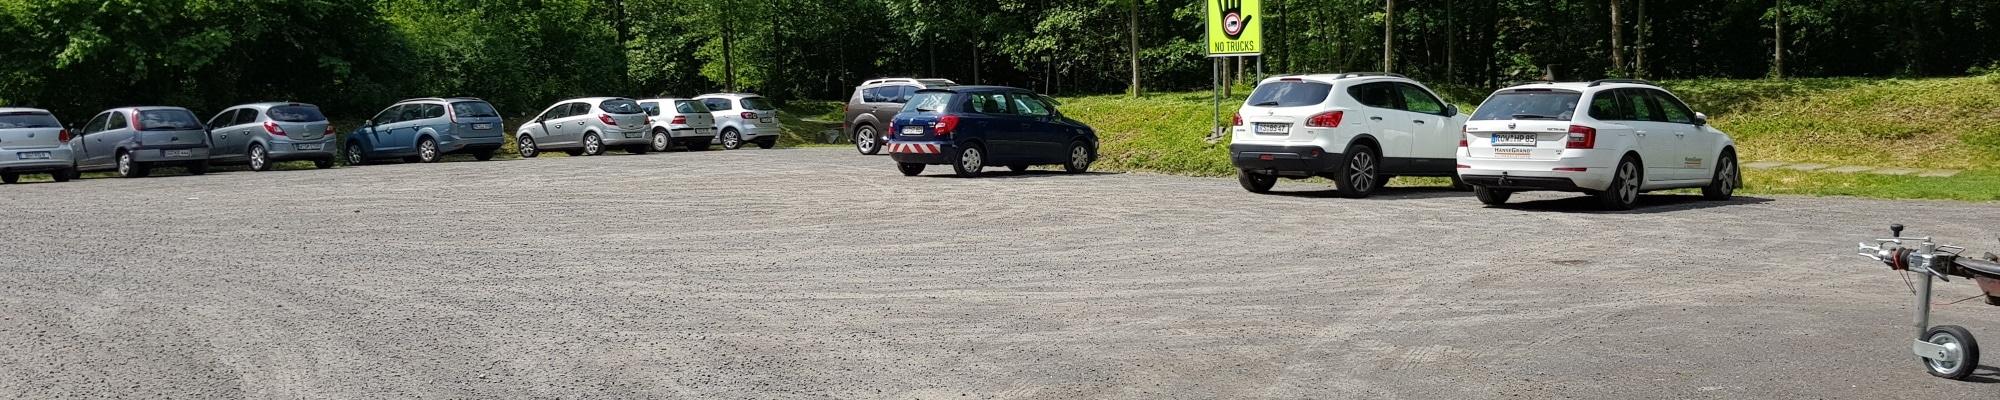 Parkplatz-Wegedecken von HanseGrand